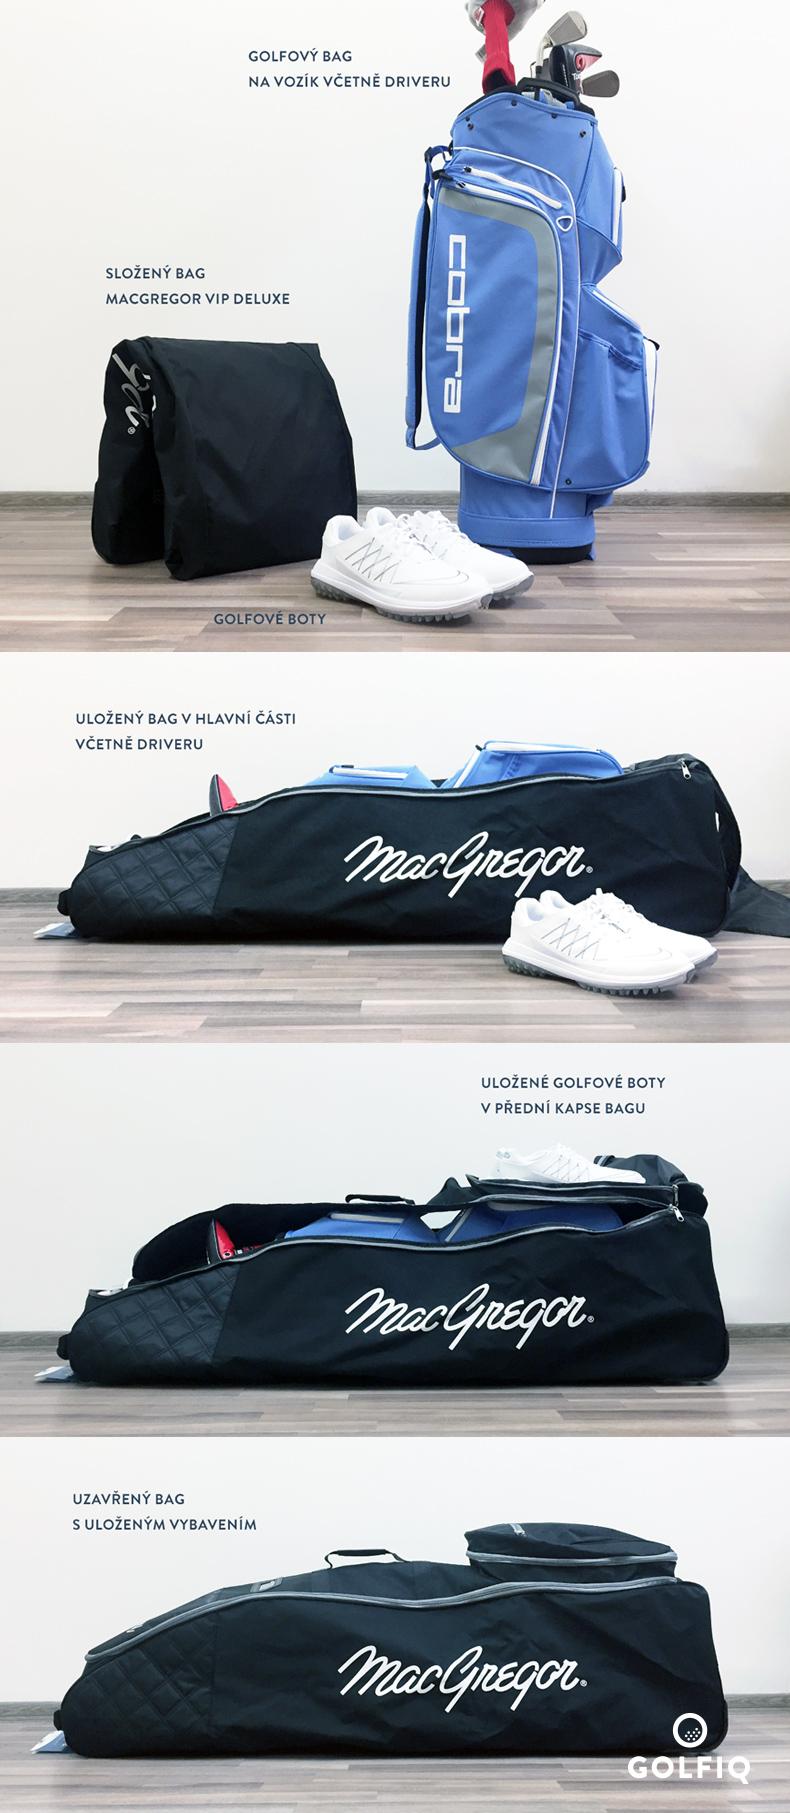 MacGregor VIP Deluxe uložené předměty